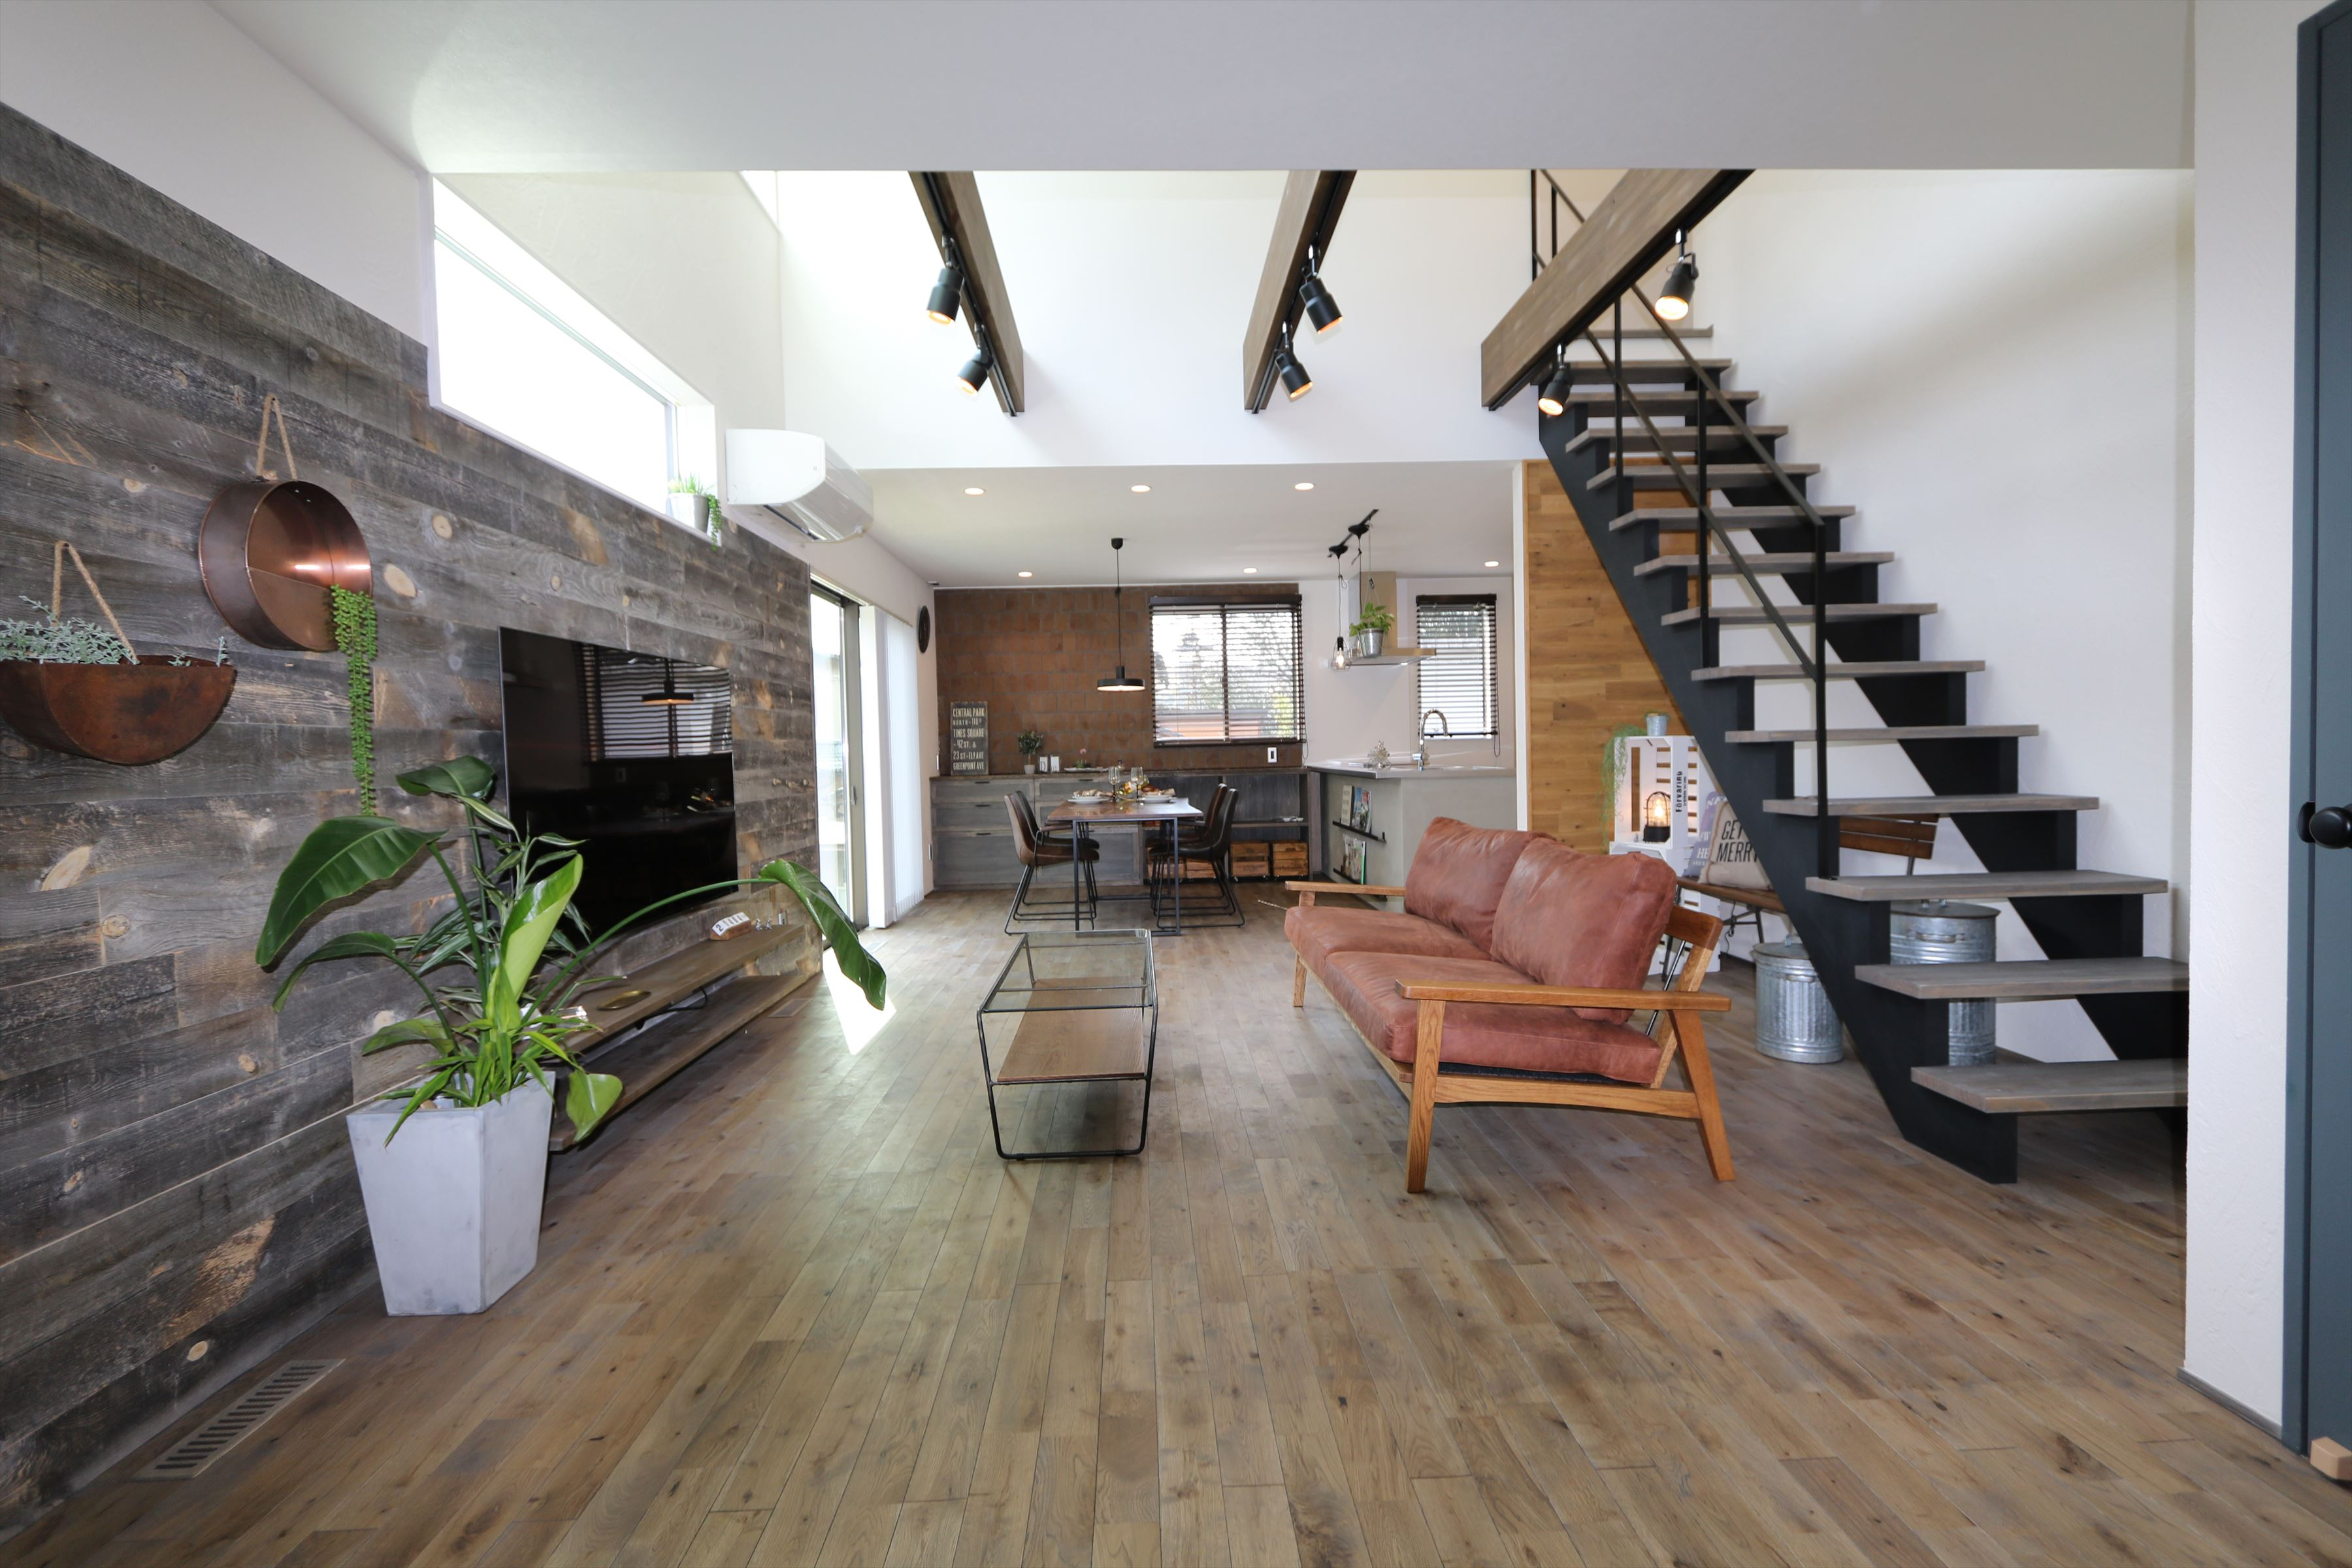 ヴィンテージウッドでかっこいい!アメリカンテイストの家|石川県金沢市の注文住宅・デザイン性・新築の家・戸建て|E-HOUSE